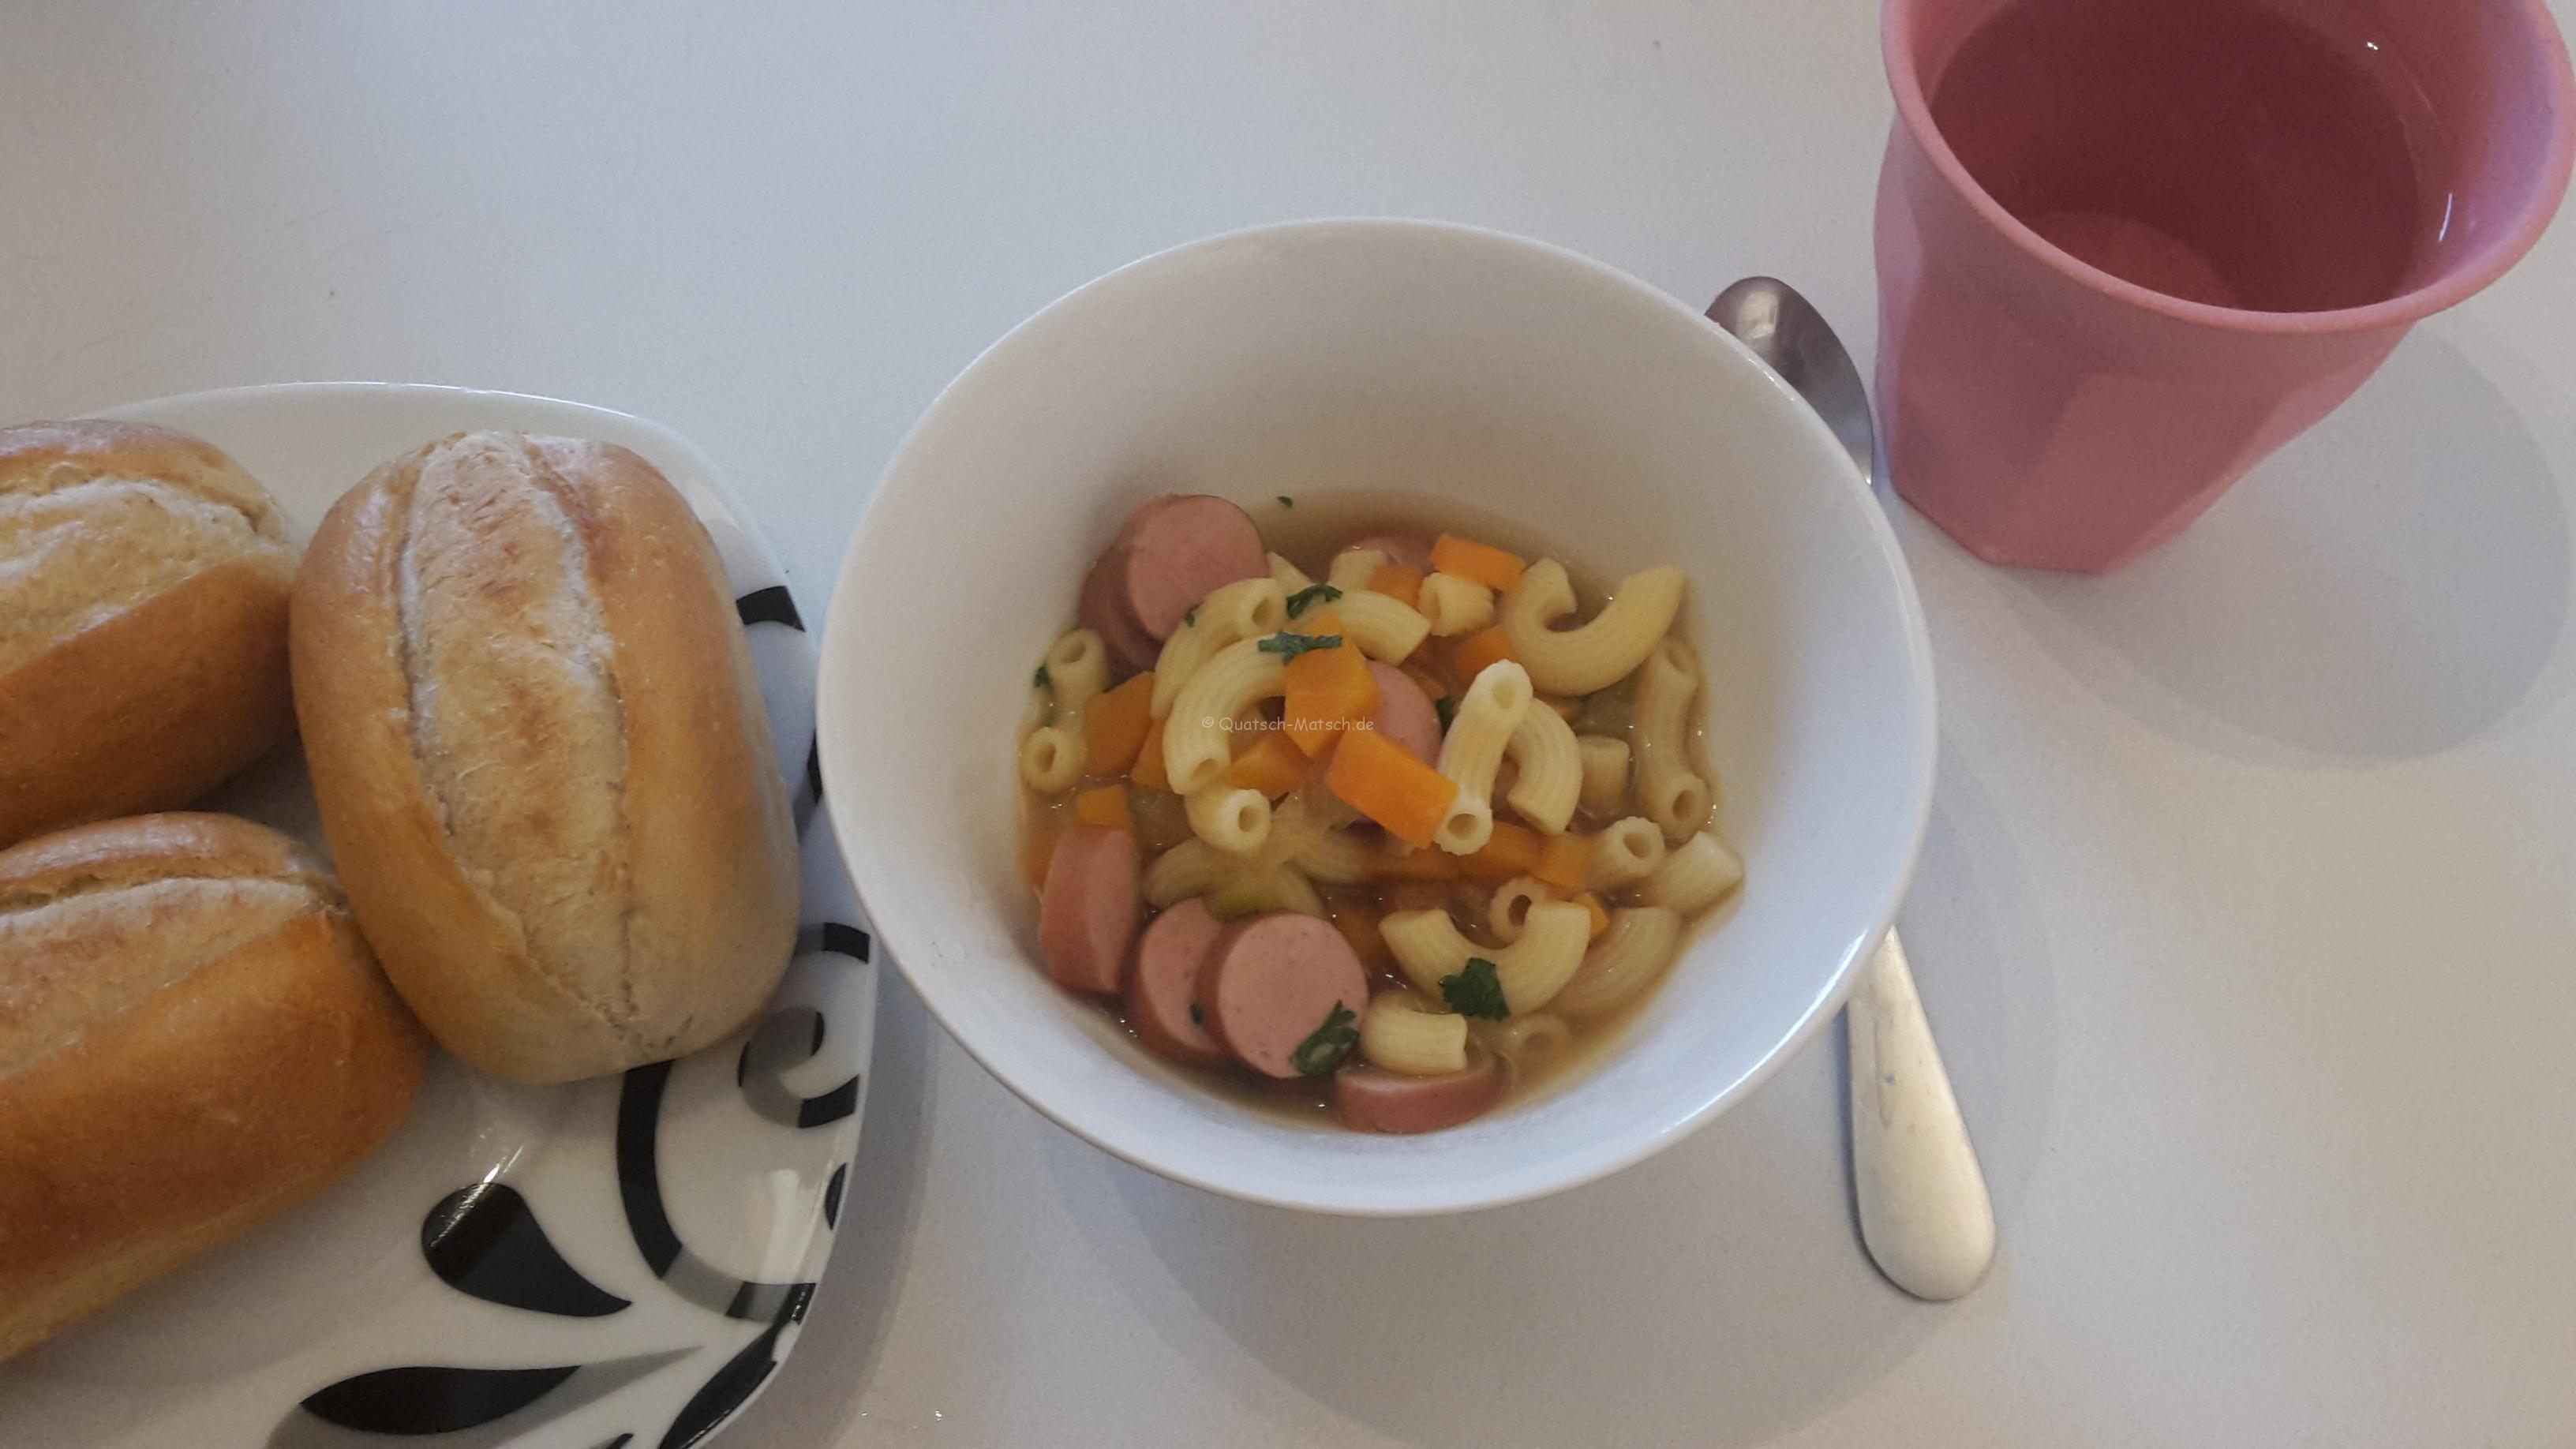 Gemüsesuppe mit Nudeln und Würstchen